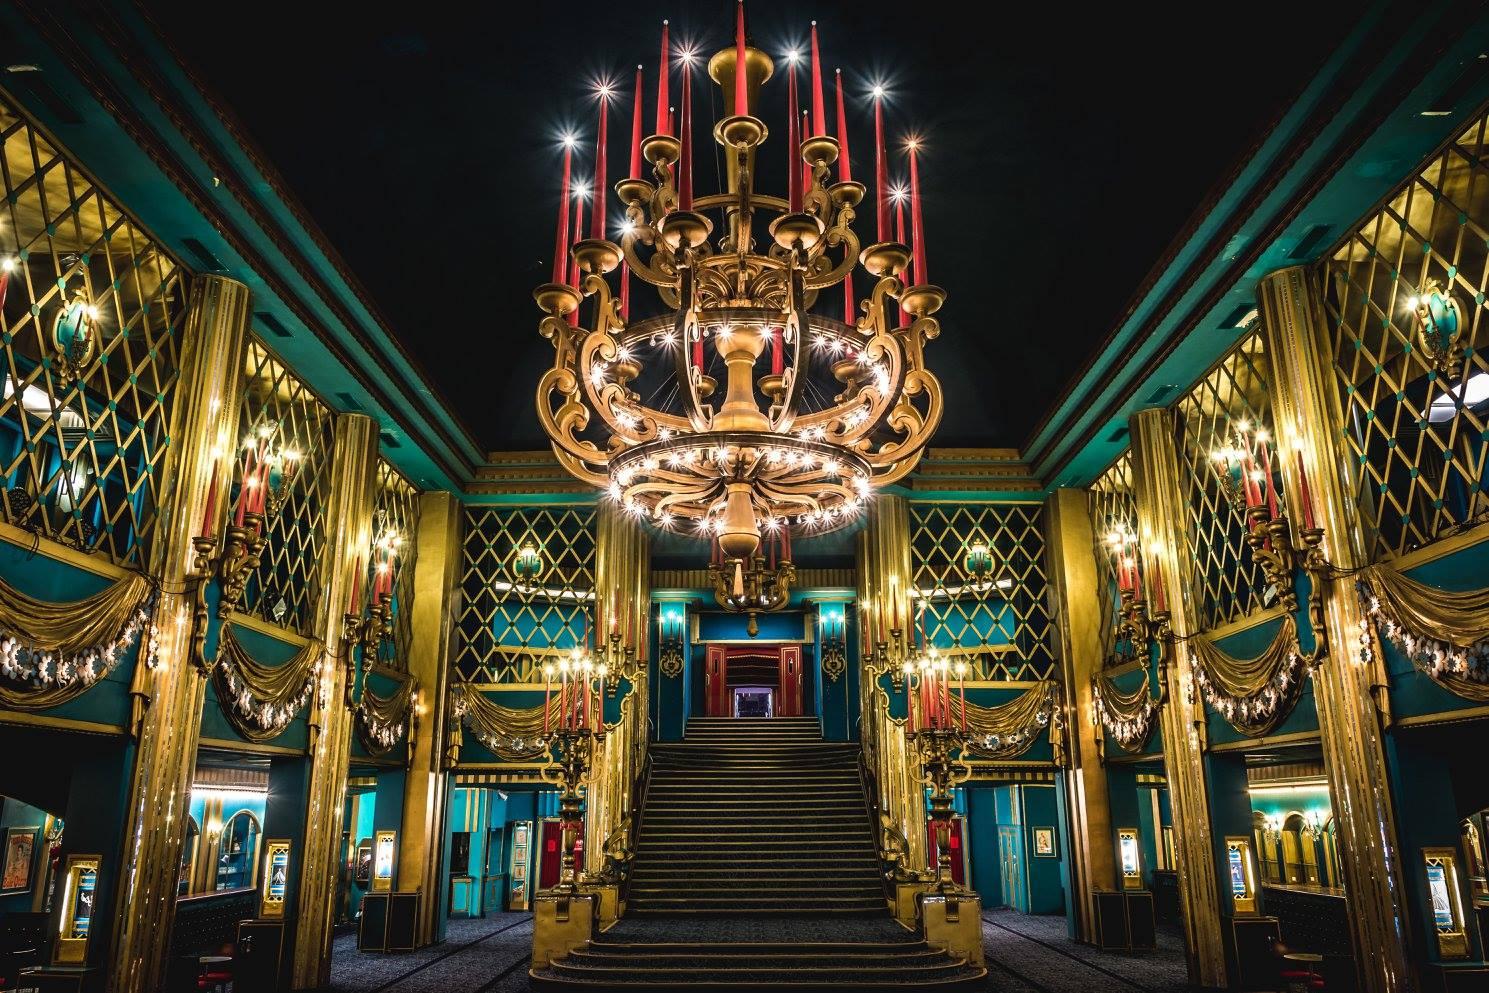 Hall des Folies Bergère